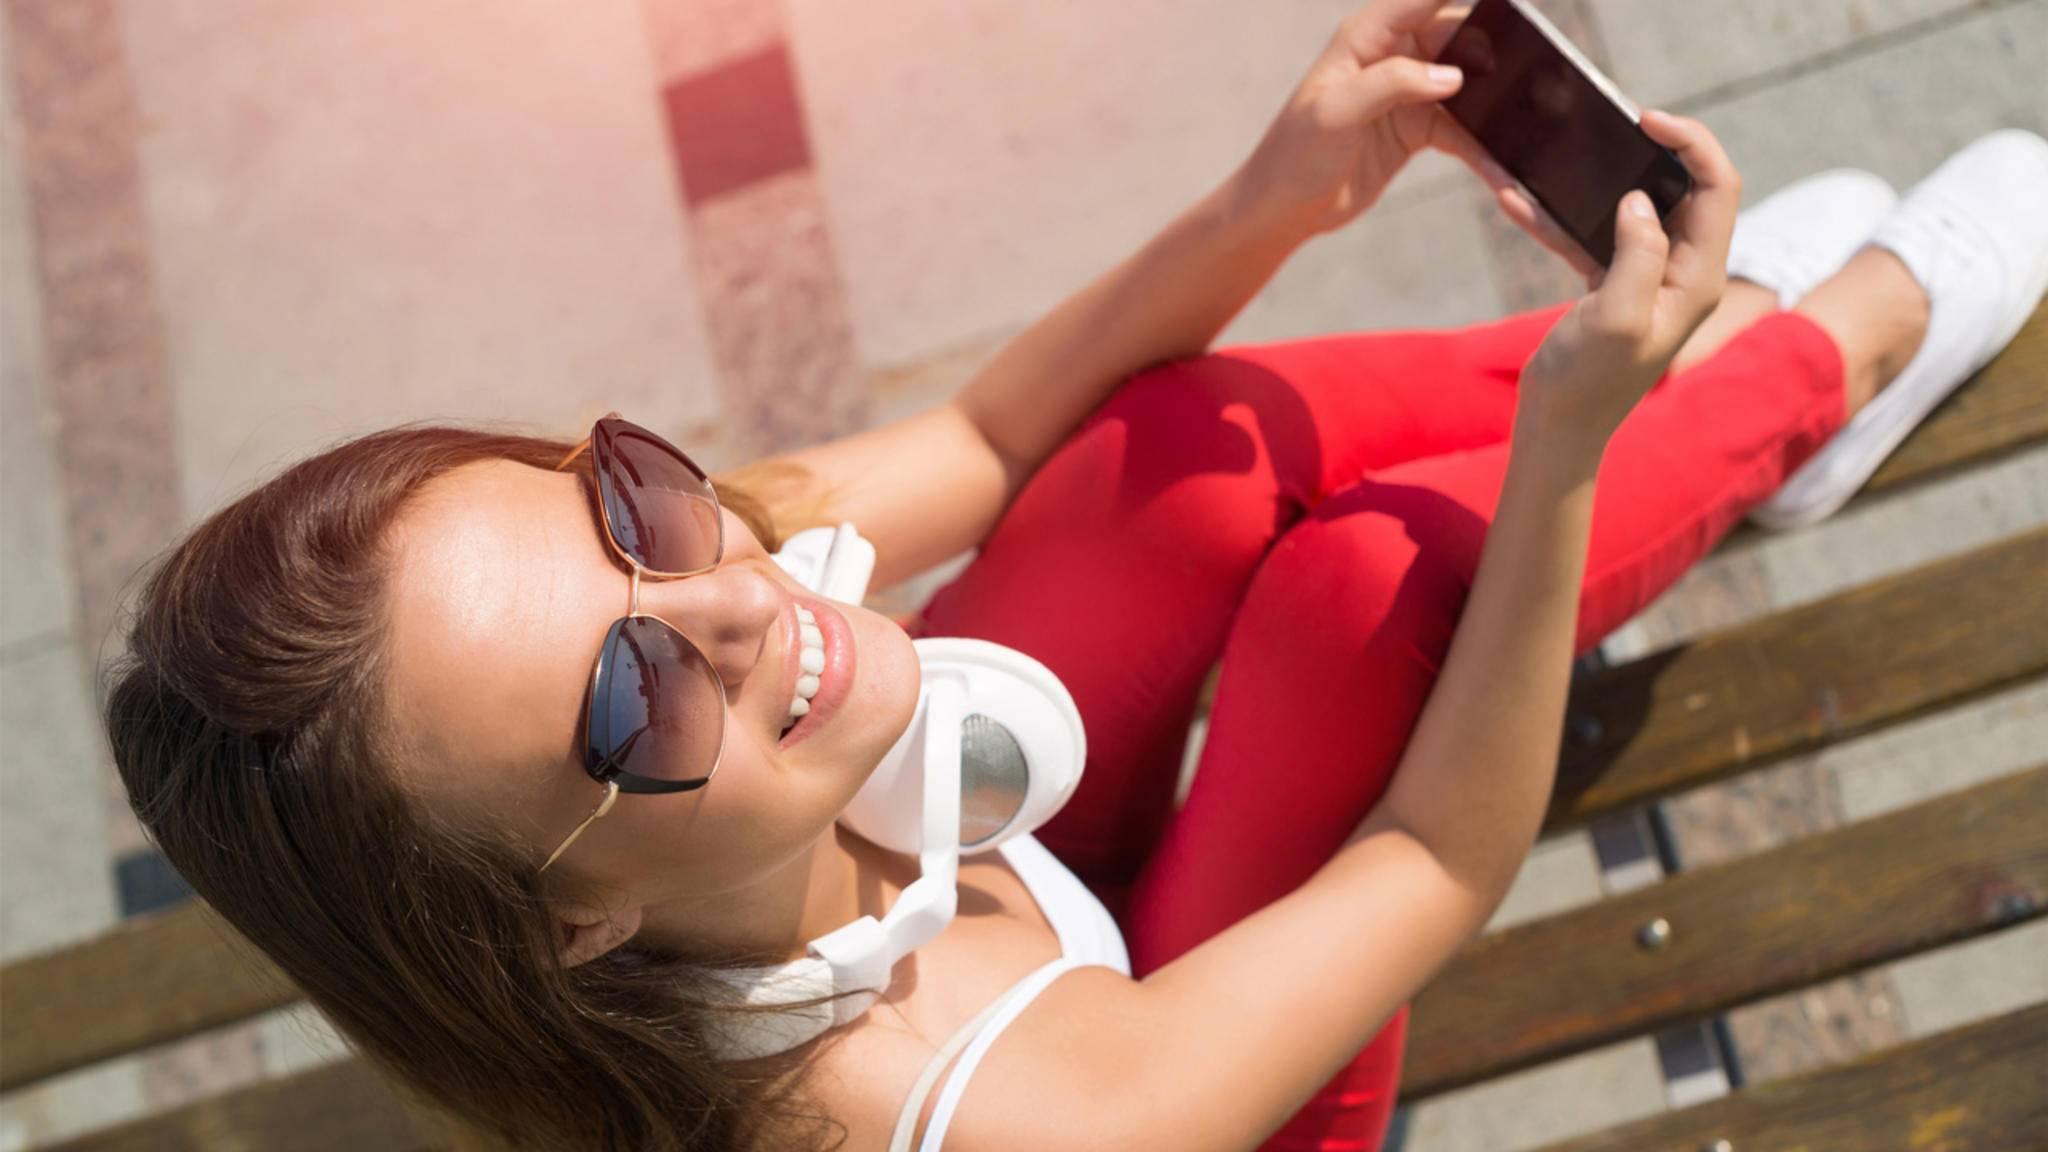 Schicke Deine Freunde mit einem lieben WhatsApp-Gruß ins Wochenende!